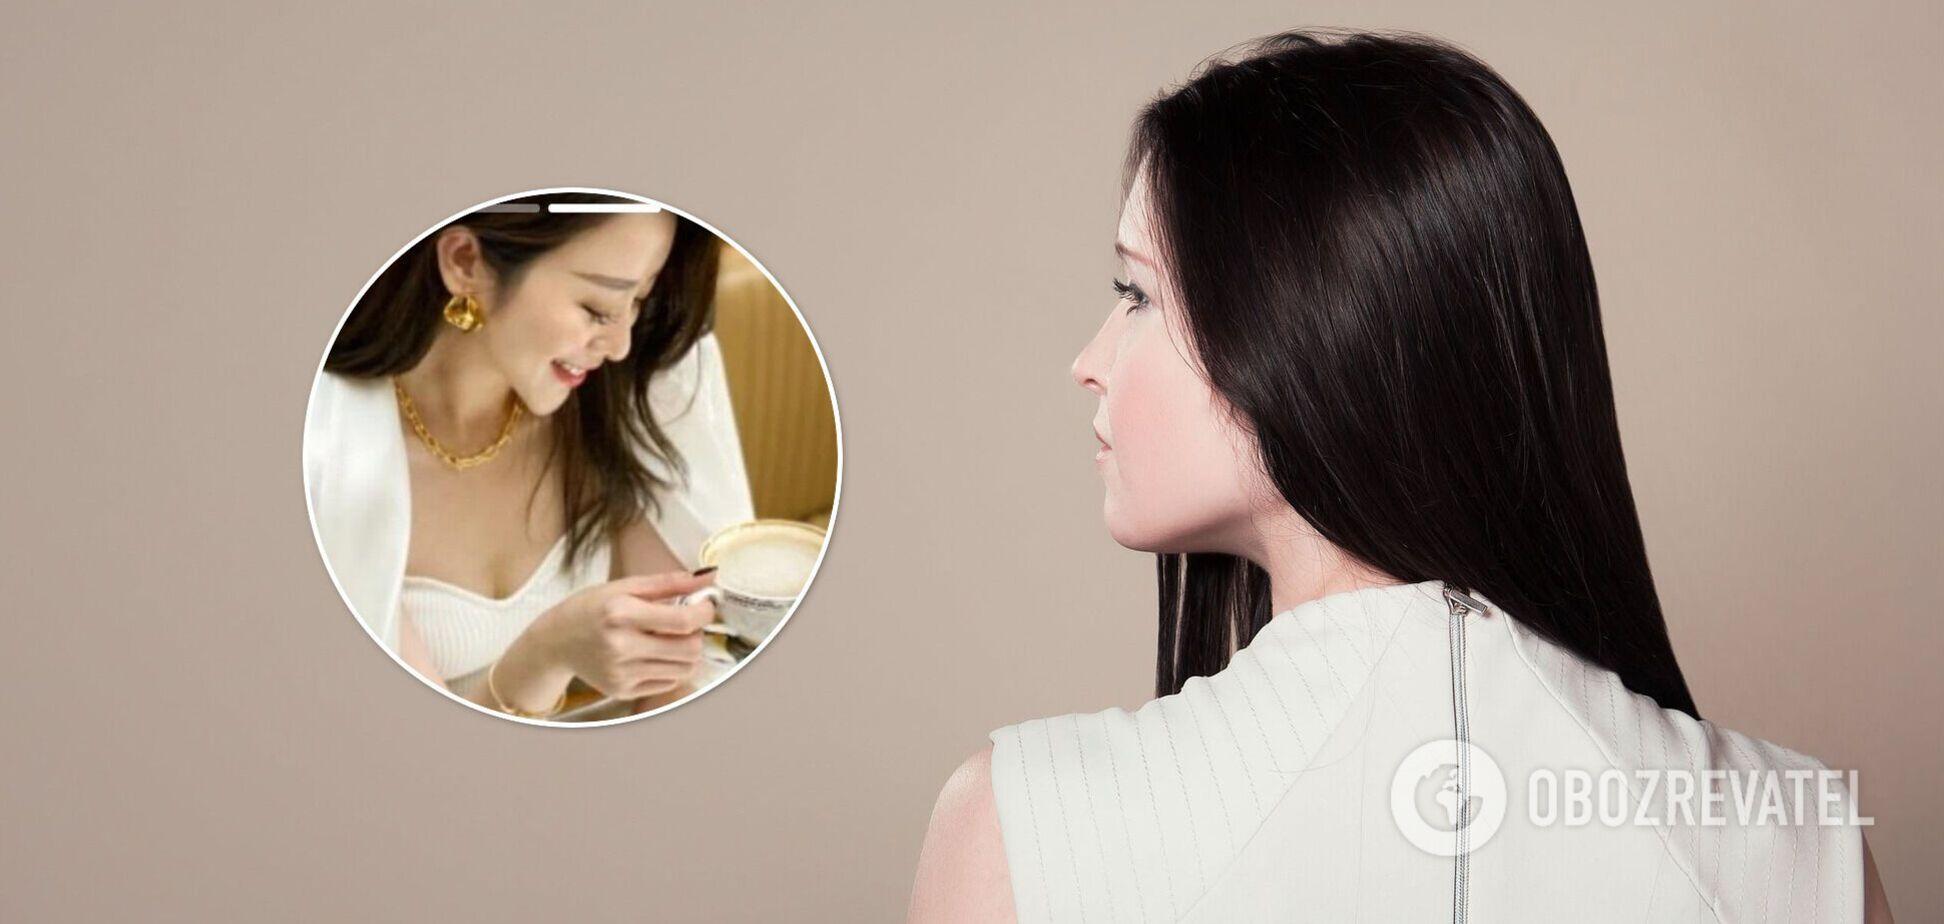 Дівчина спантеличила мережу волоссям між ніг. Фото оптичної ілюзії